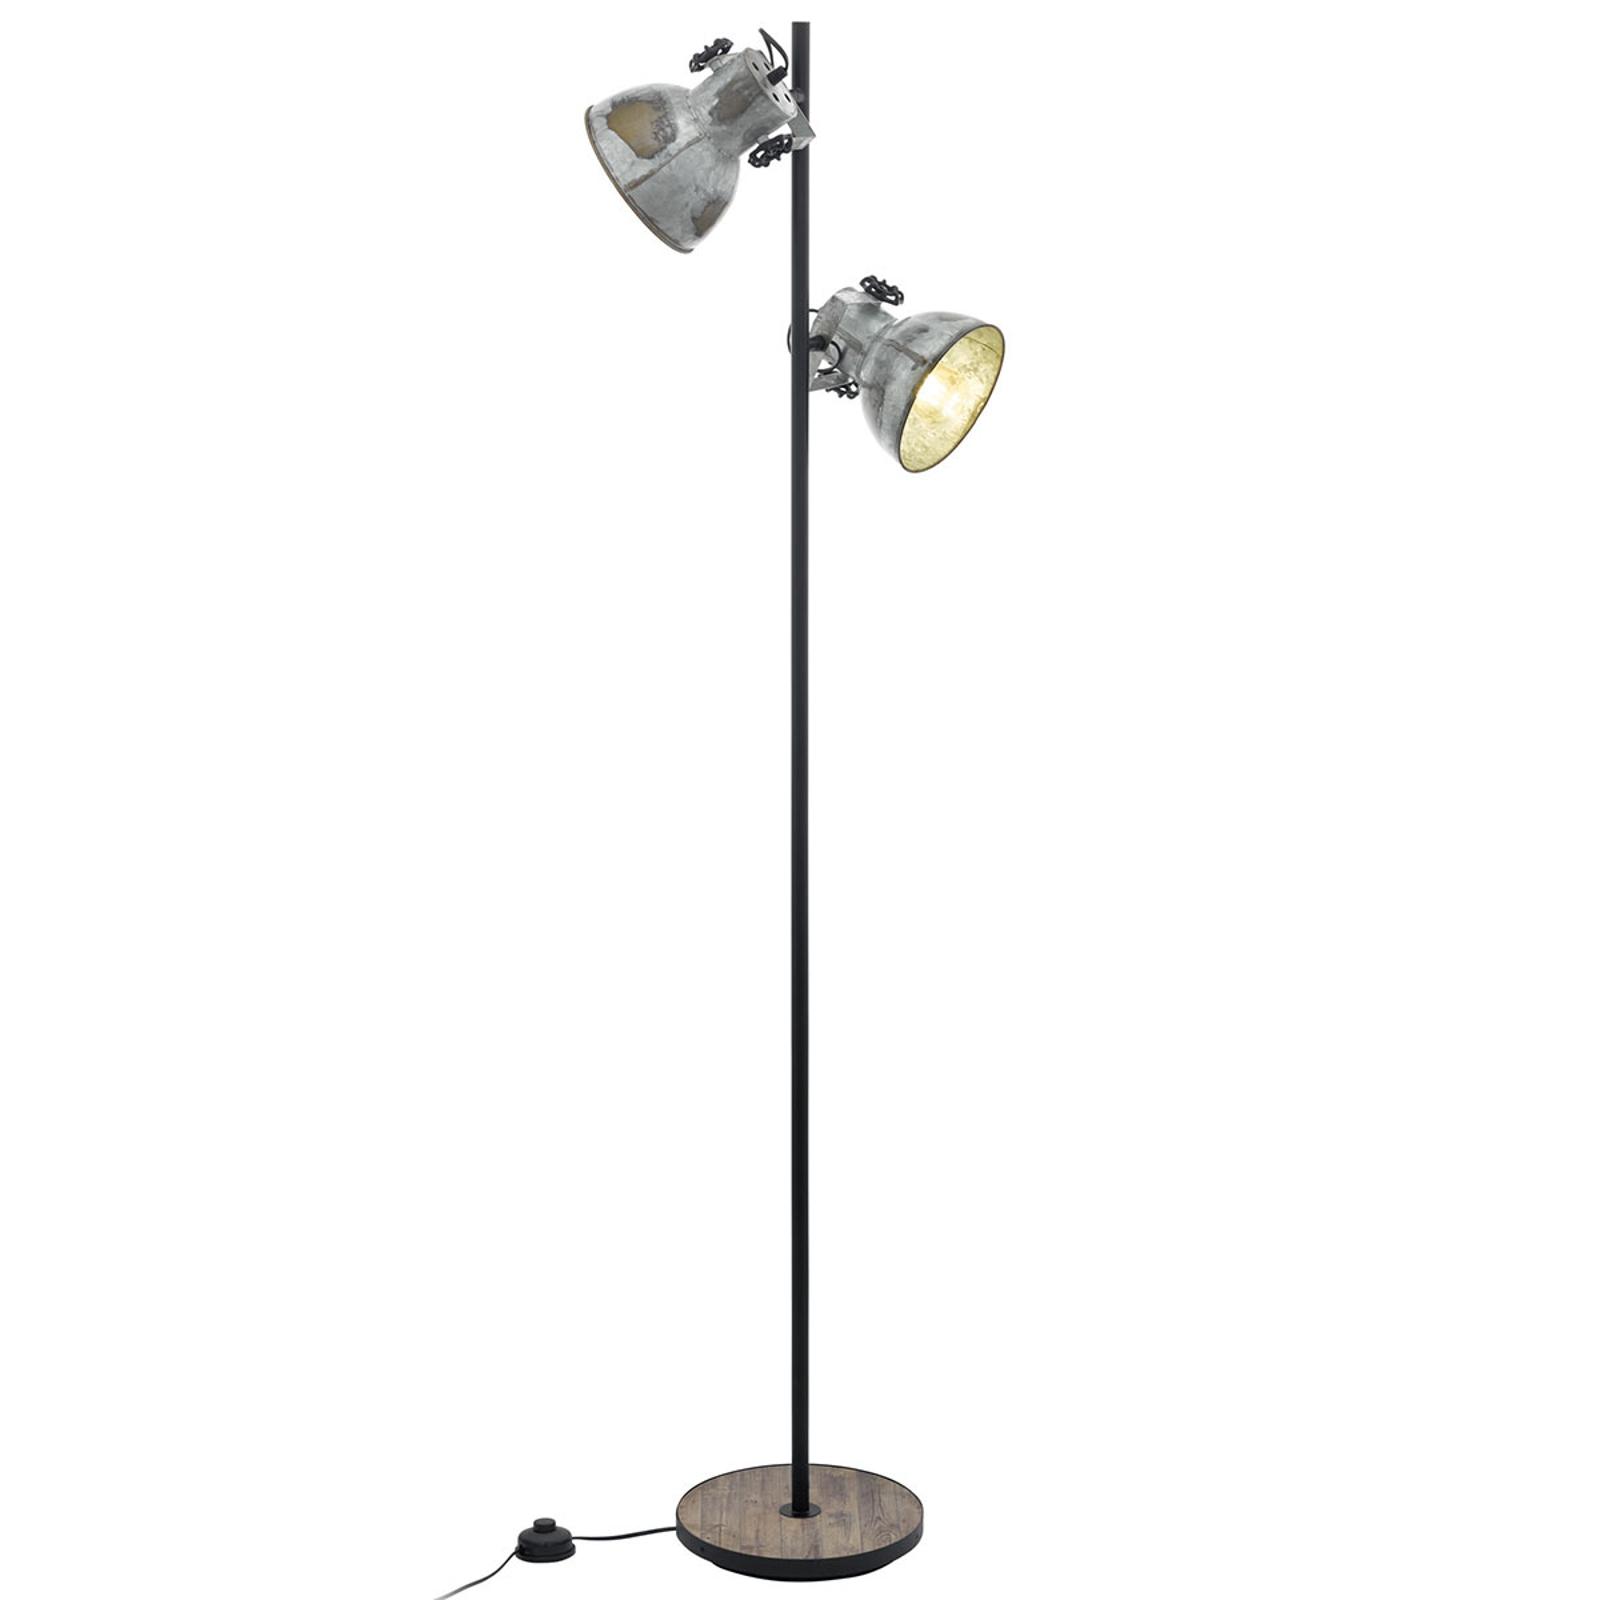 Gulvlampe Barnstaple med to lyskilder